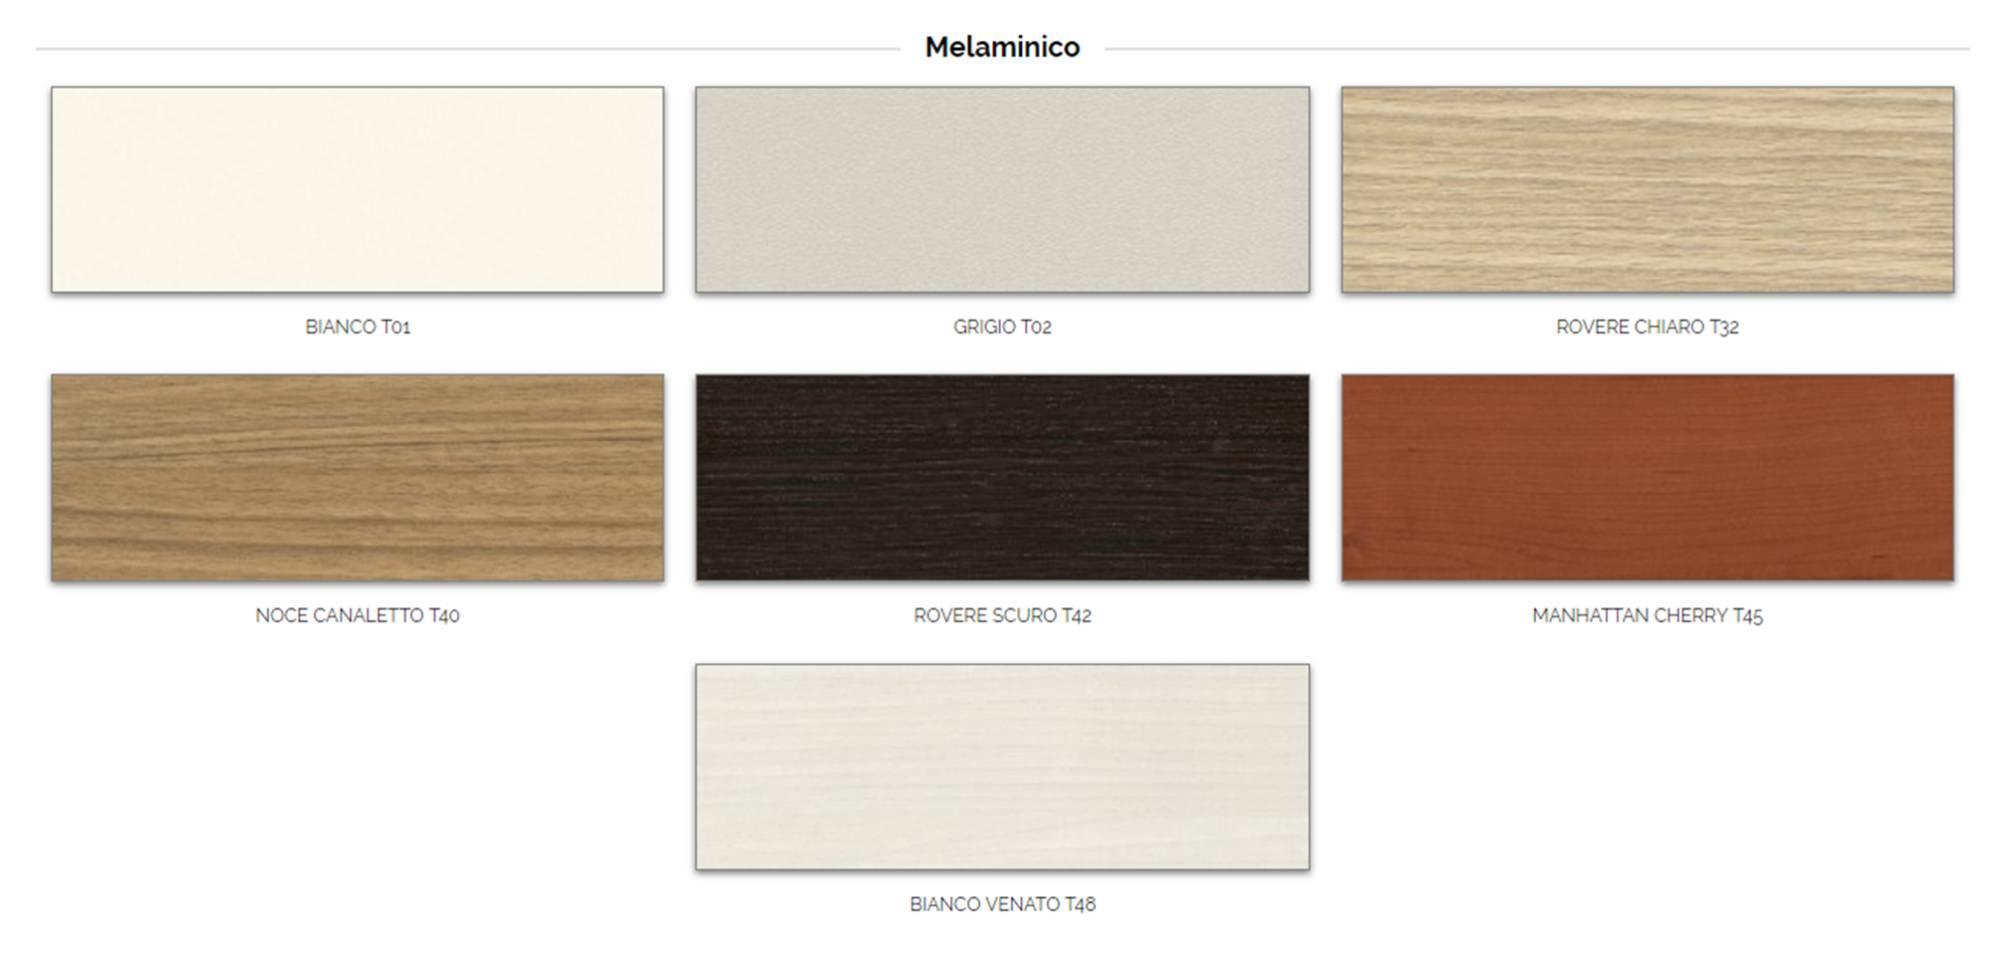 scrivania_da_ufficio_modello_tris_meco_office_tabella_colori_MELAMINICO